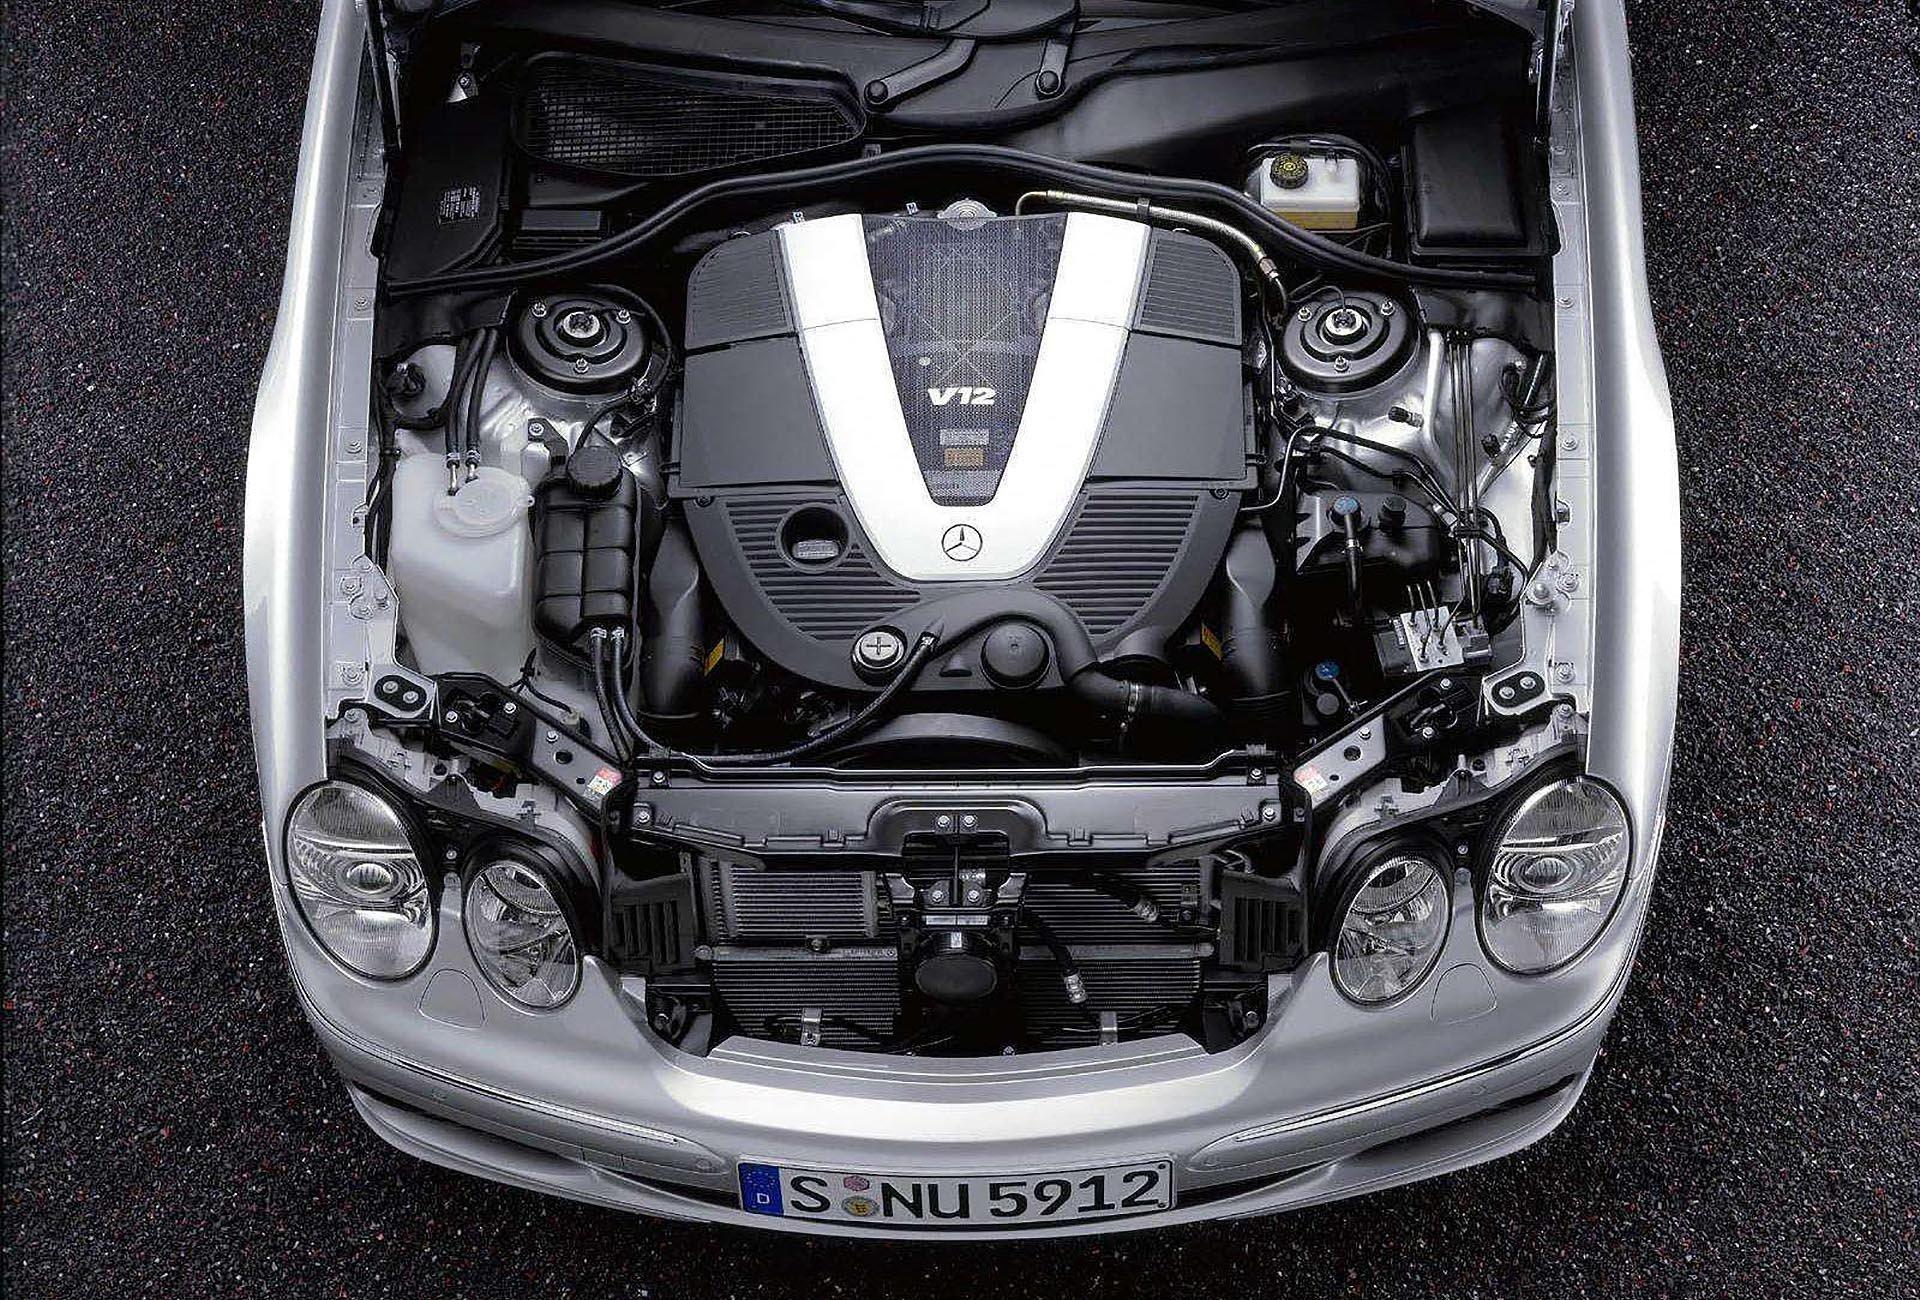 15_Mercedes-Benz-CL600 M275 V12 Biturbo engine